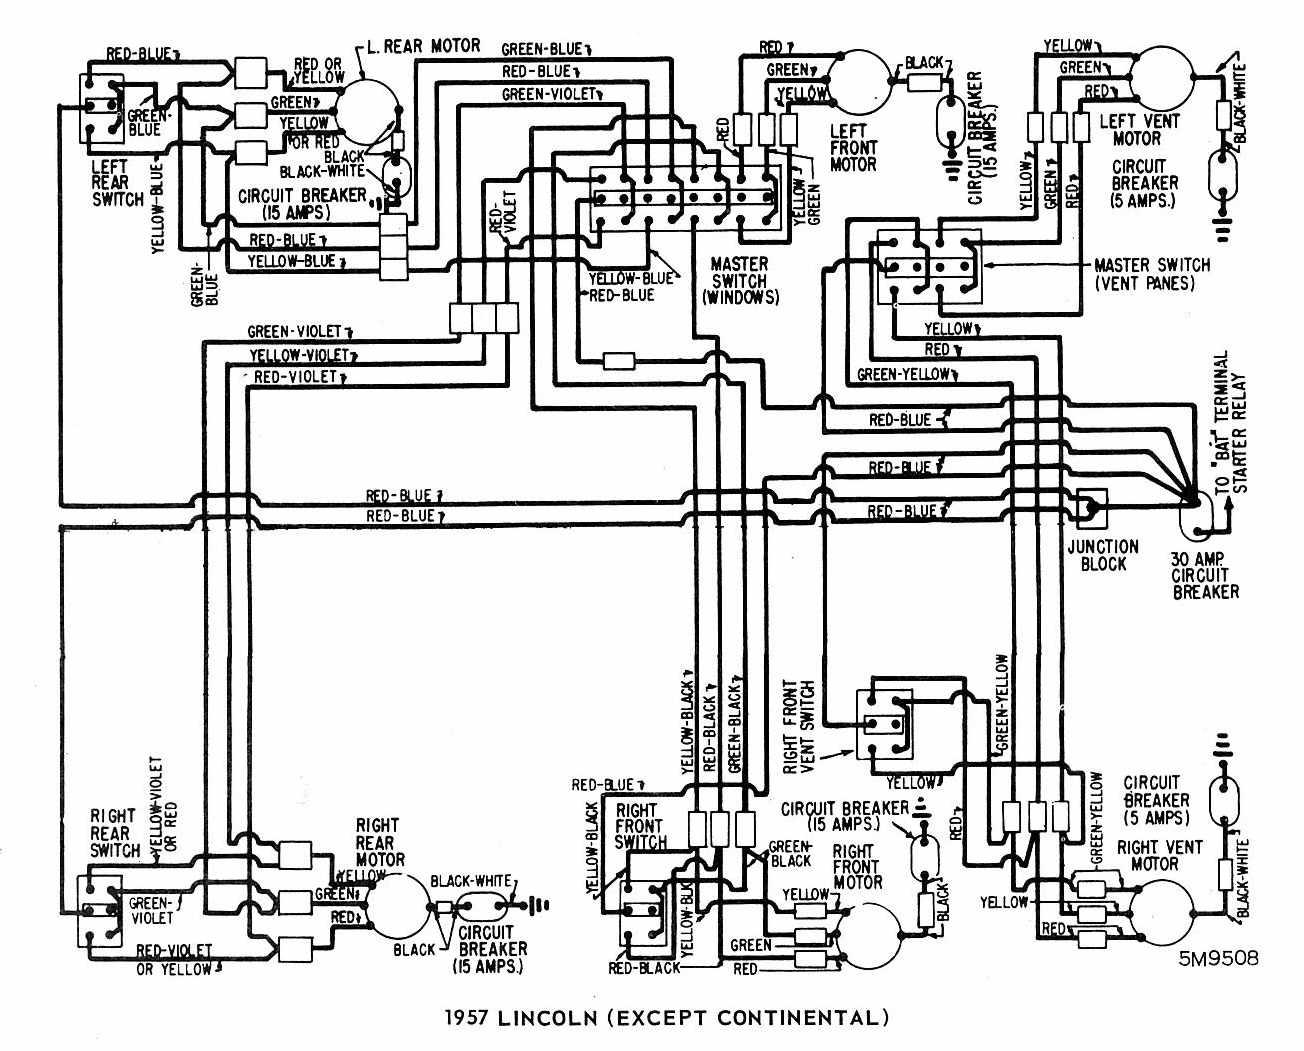 YV_5805] F163 Lincoln Wiring DiagramLoskopri Gentot Rele Joami Phae Mohammedshrine Librar Wiring 101